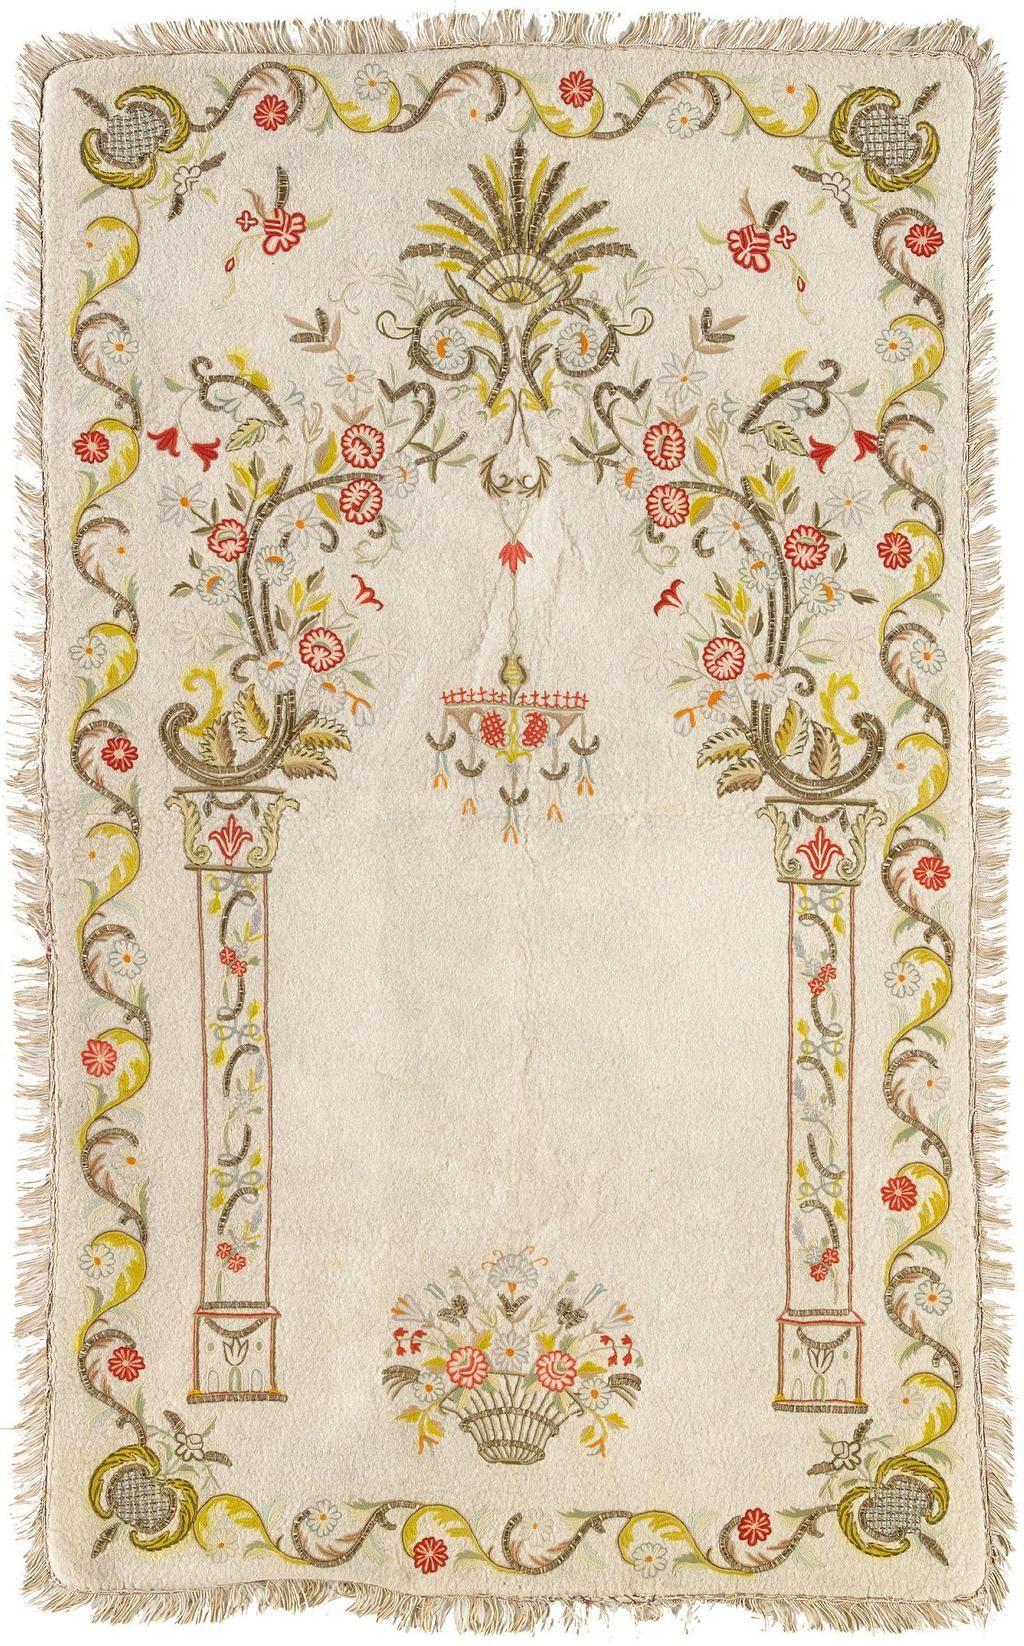 Prayer Rug, 19th Century (Osmanlı Seccadesi, 19.YY) | Türkişi ...